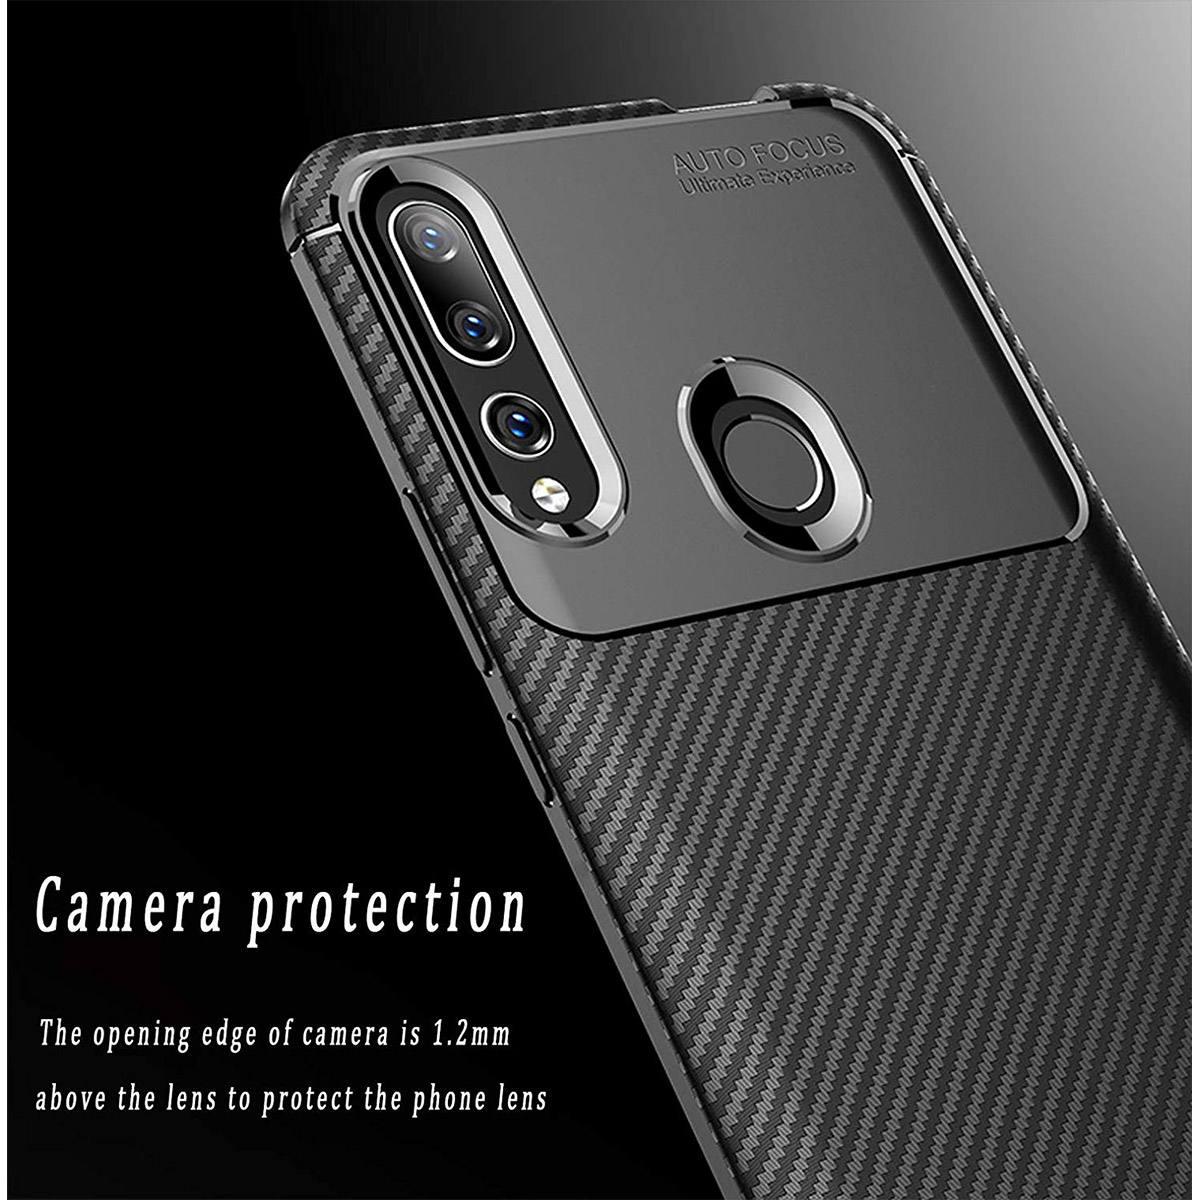 کاور لاین کینگ مدل A21 مناسب برای گوشی موبایل هوآوی Y9 Prime 2019 / آنر 9X thumb 2 26